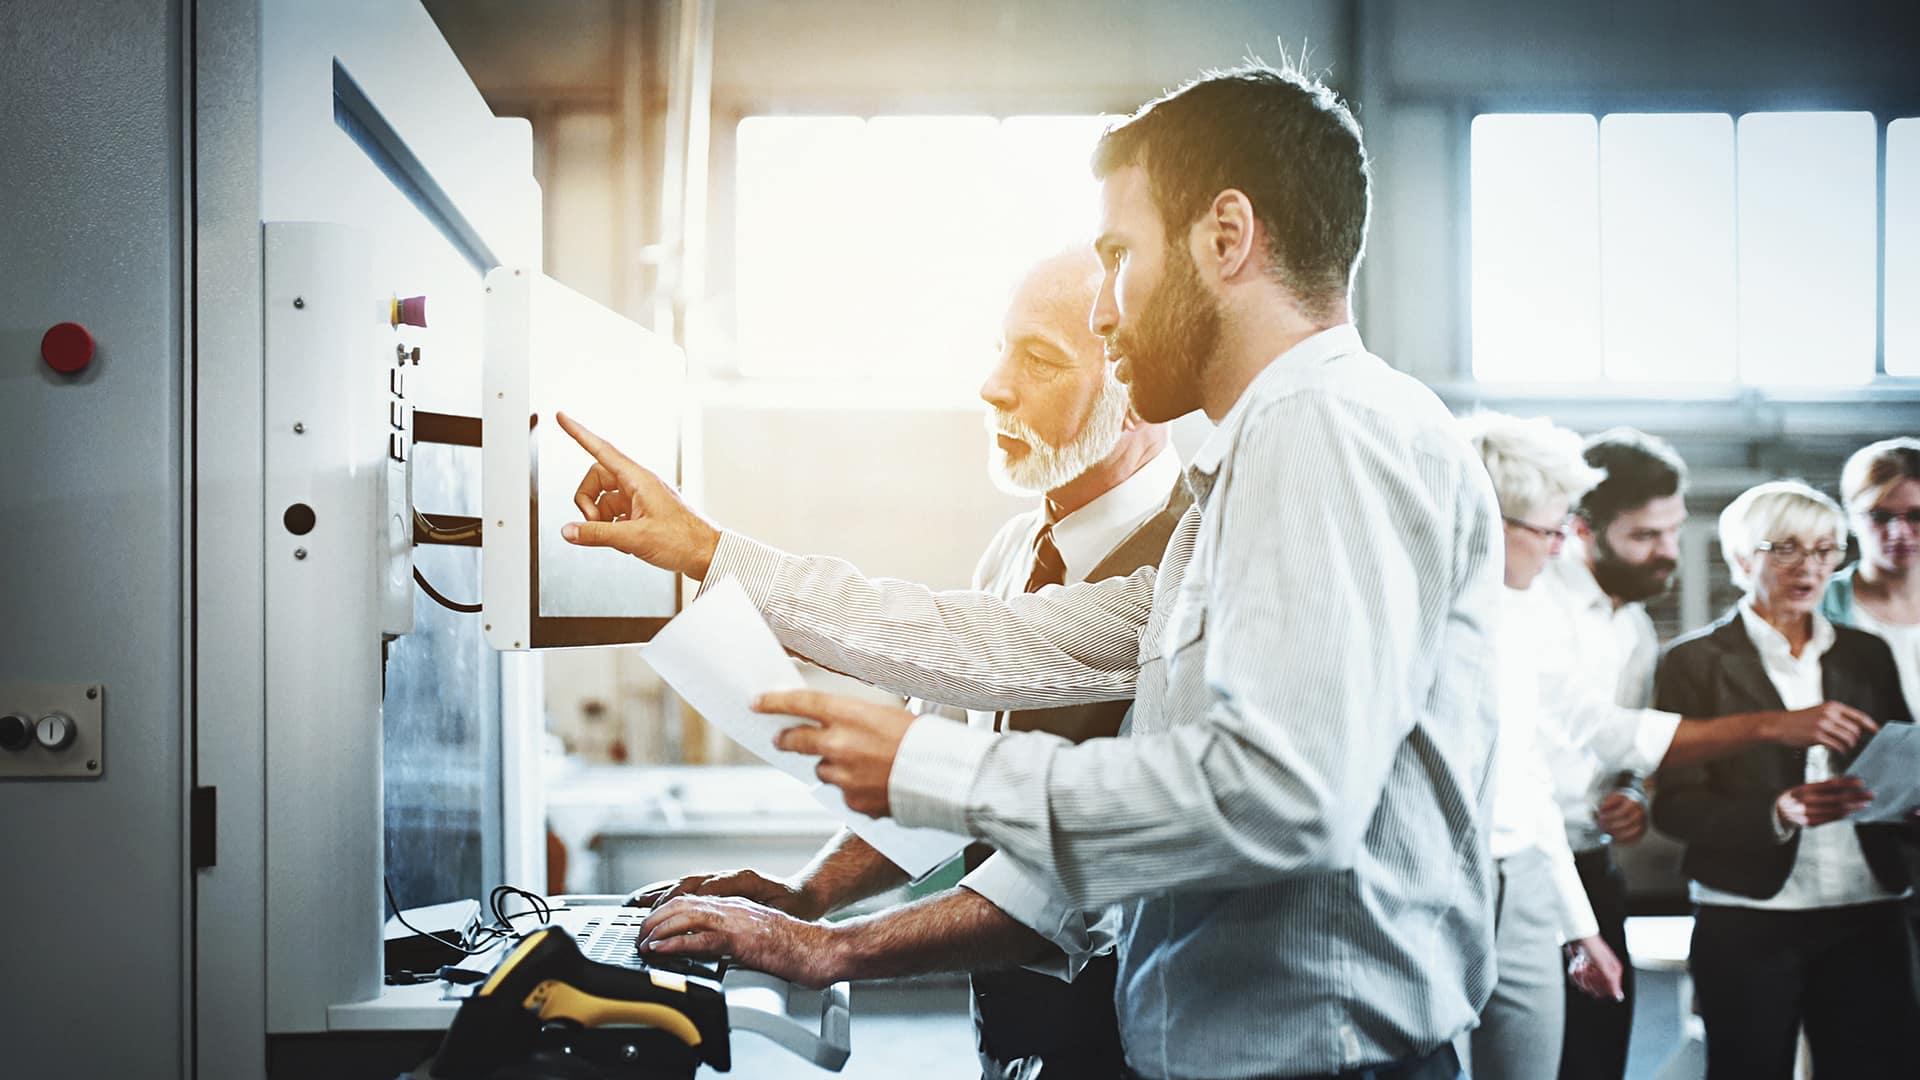 Productividad laboral ¿Cómo corrige un líder?